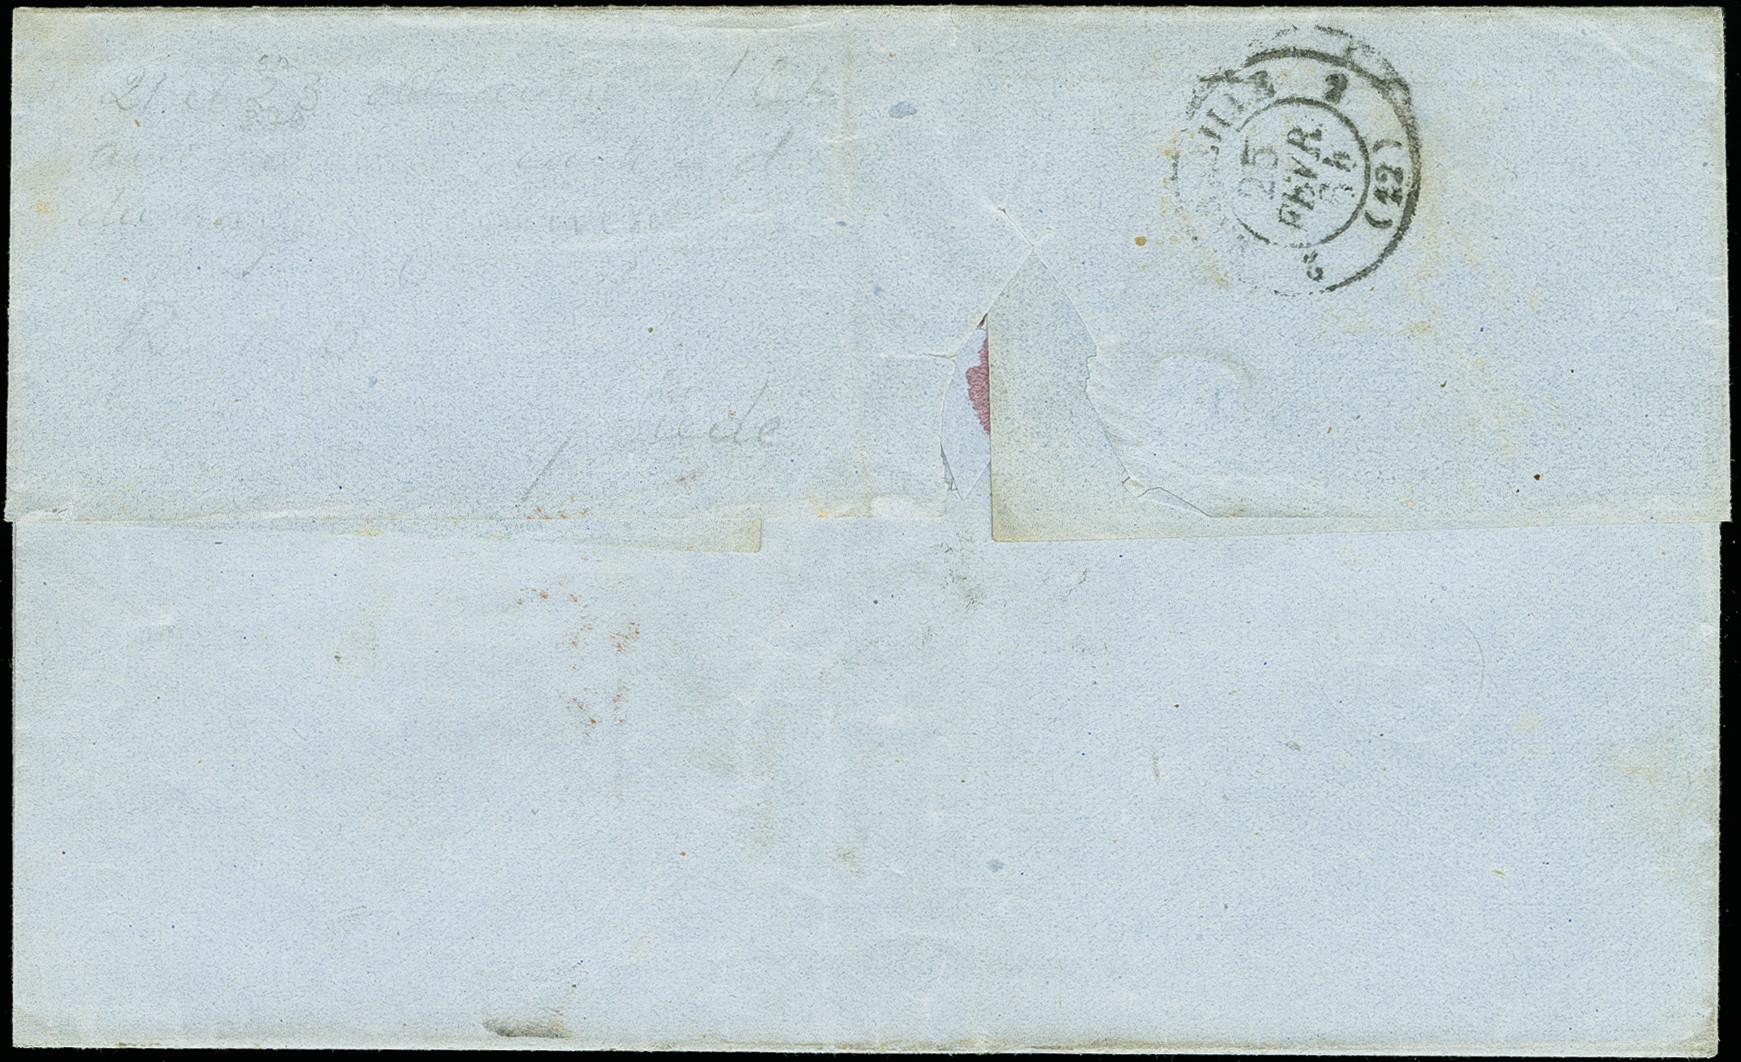 Lot 1338 - Russische Post im Ausland levant -  Heinrich Koehler Auktionen 375rd Heinrich Köhler auction - Day 1